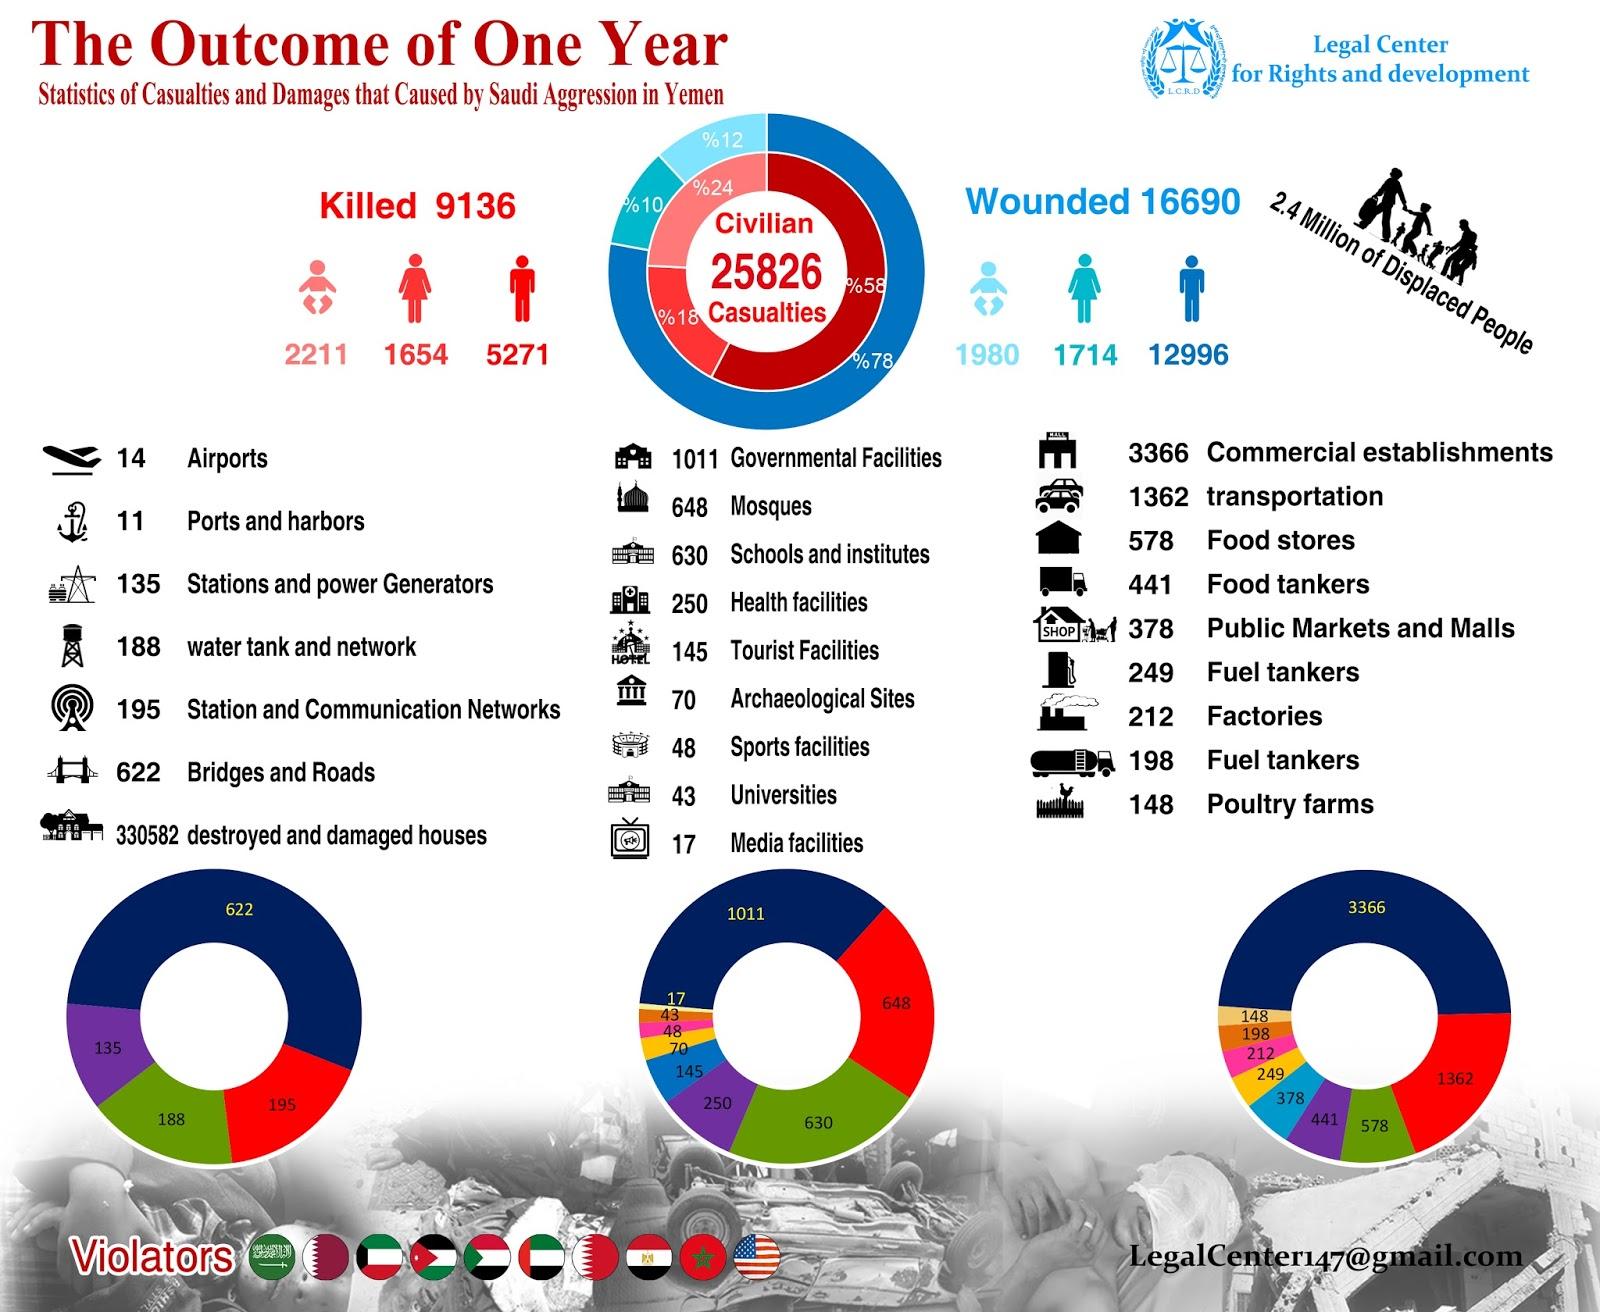 إحصائية عام من العدوان السعودي باللغة الإنجليزية